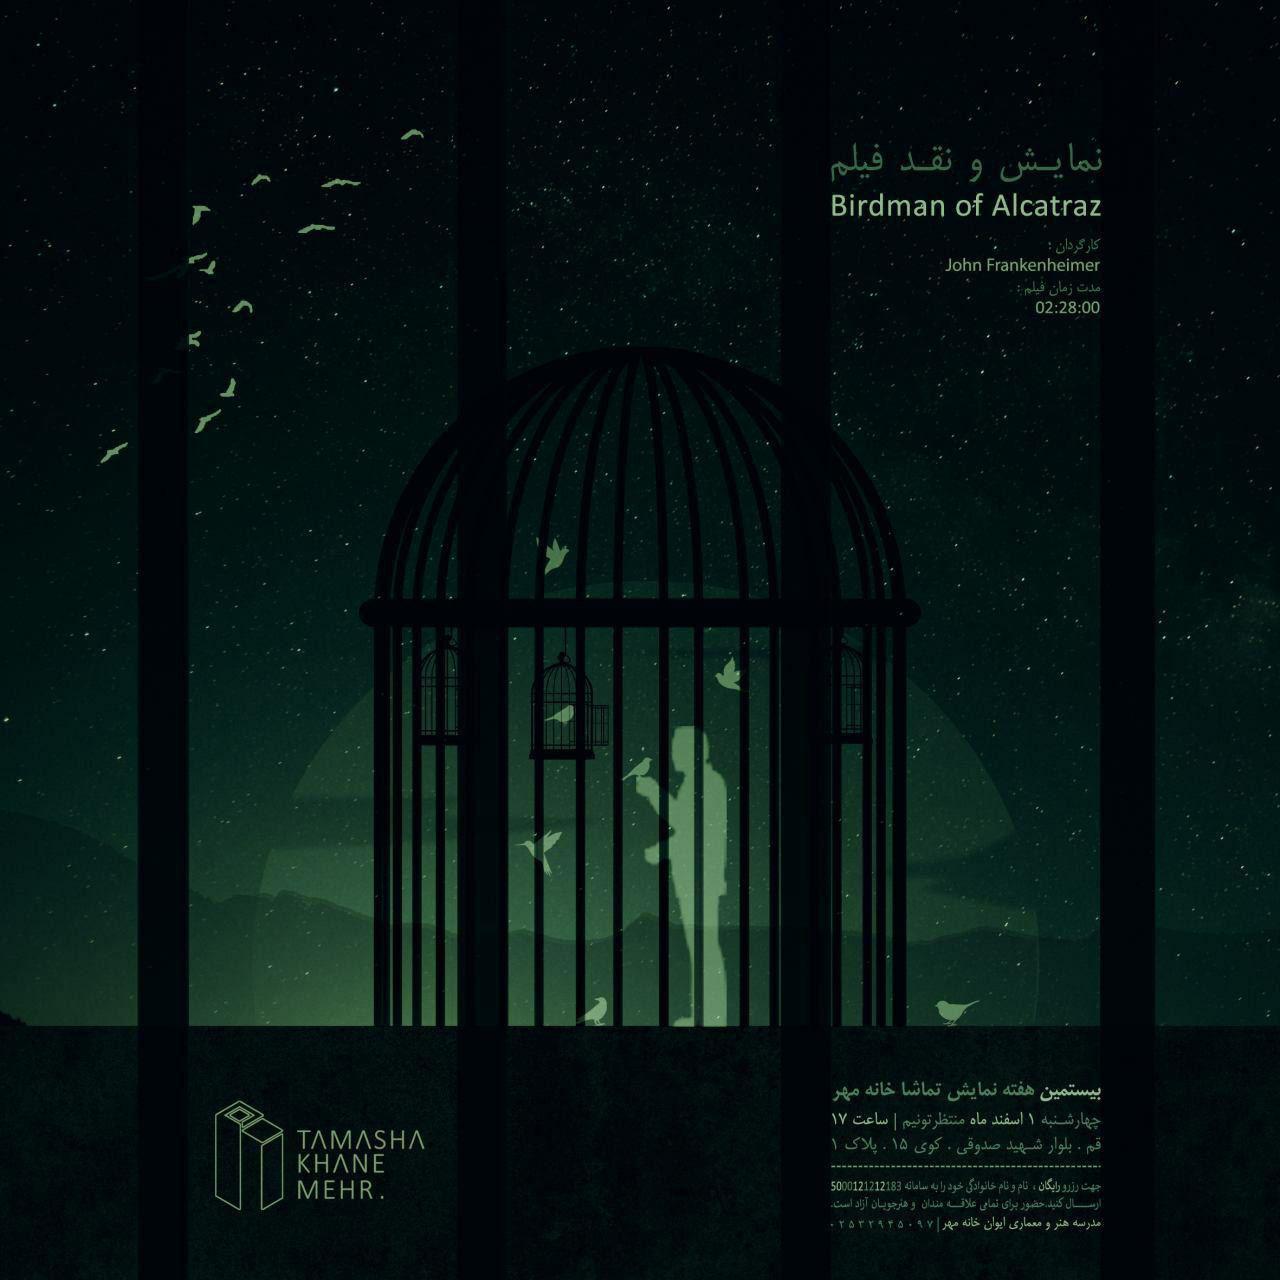 نمایش و نقد فیلم Birdman of Alcatraz در تماشاخانه مهر